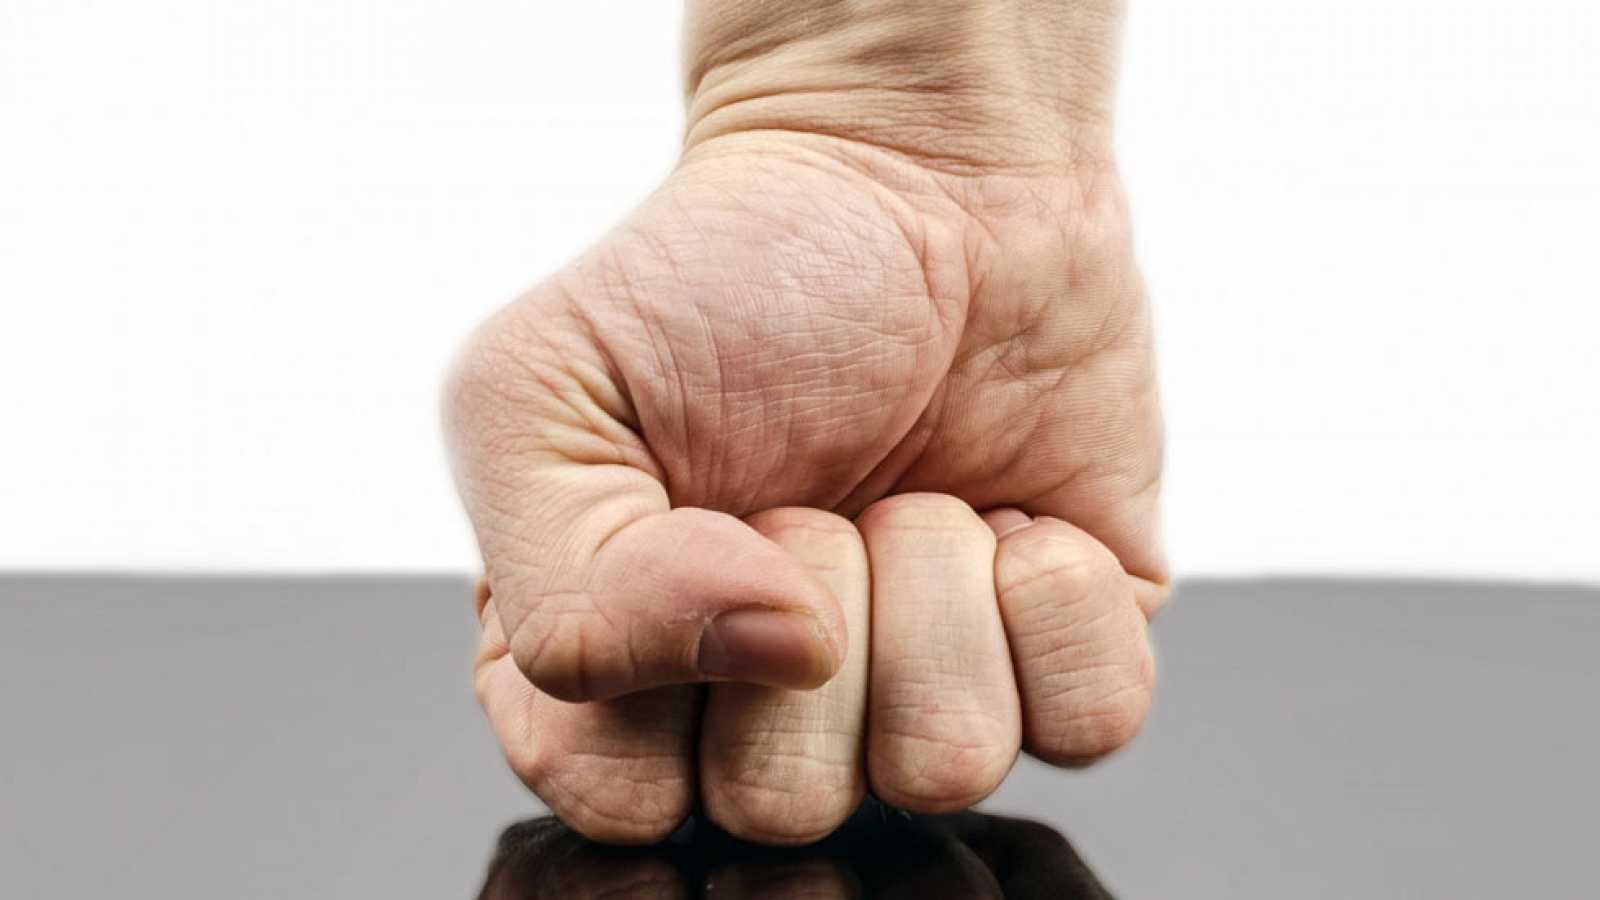 Tratamiento: Autores de delitos de hostilidad, discriminación o violencia serán reunidos con sus víctimas